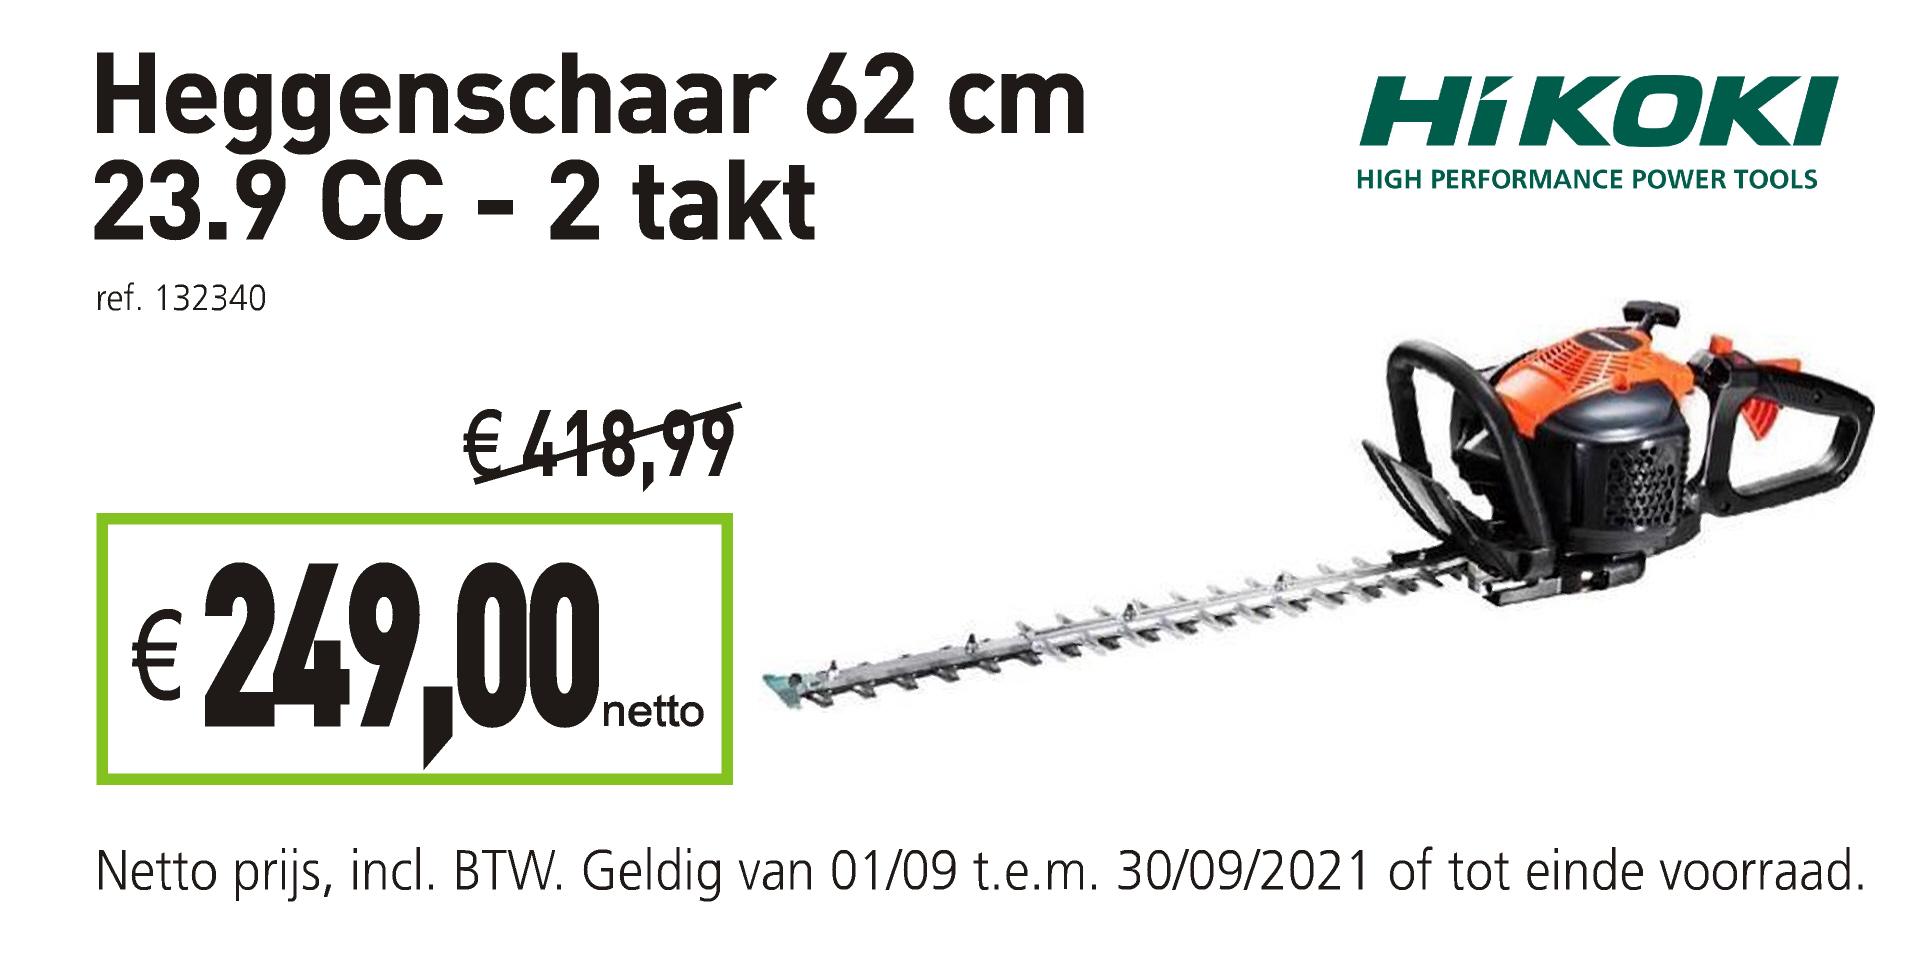 Hikoki heggenschaar 62 cm